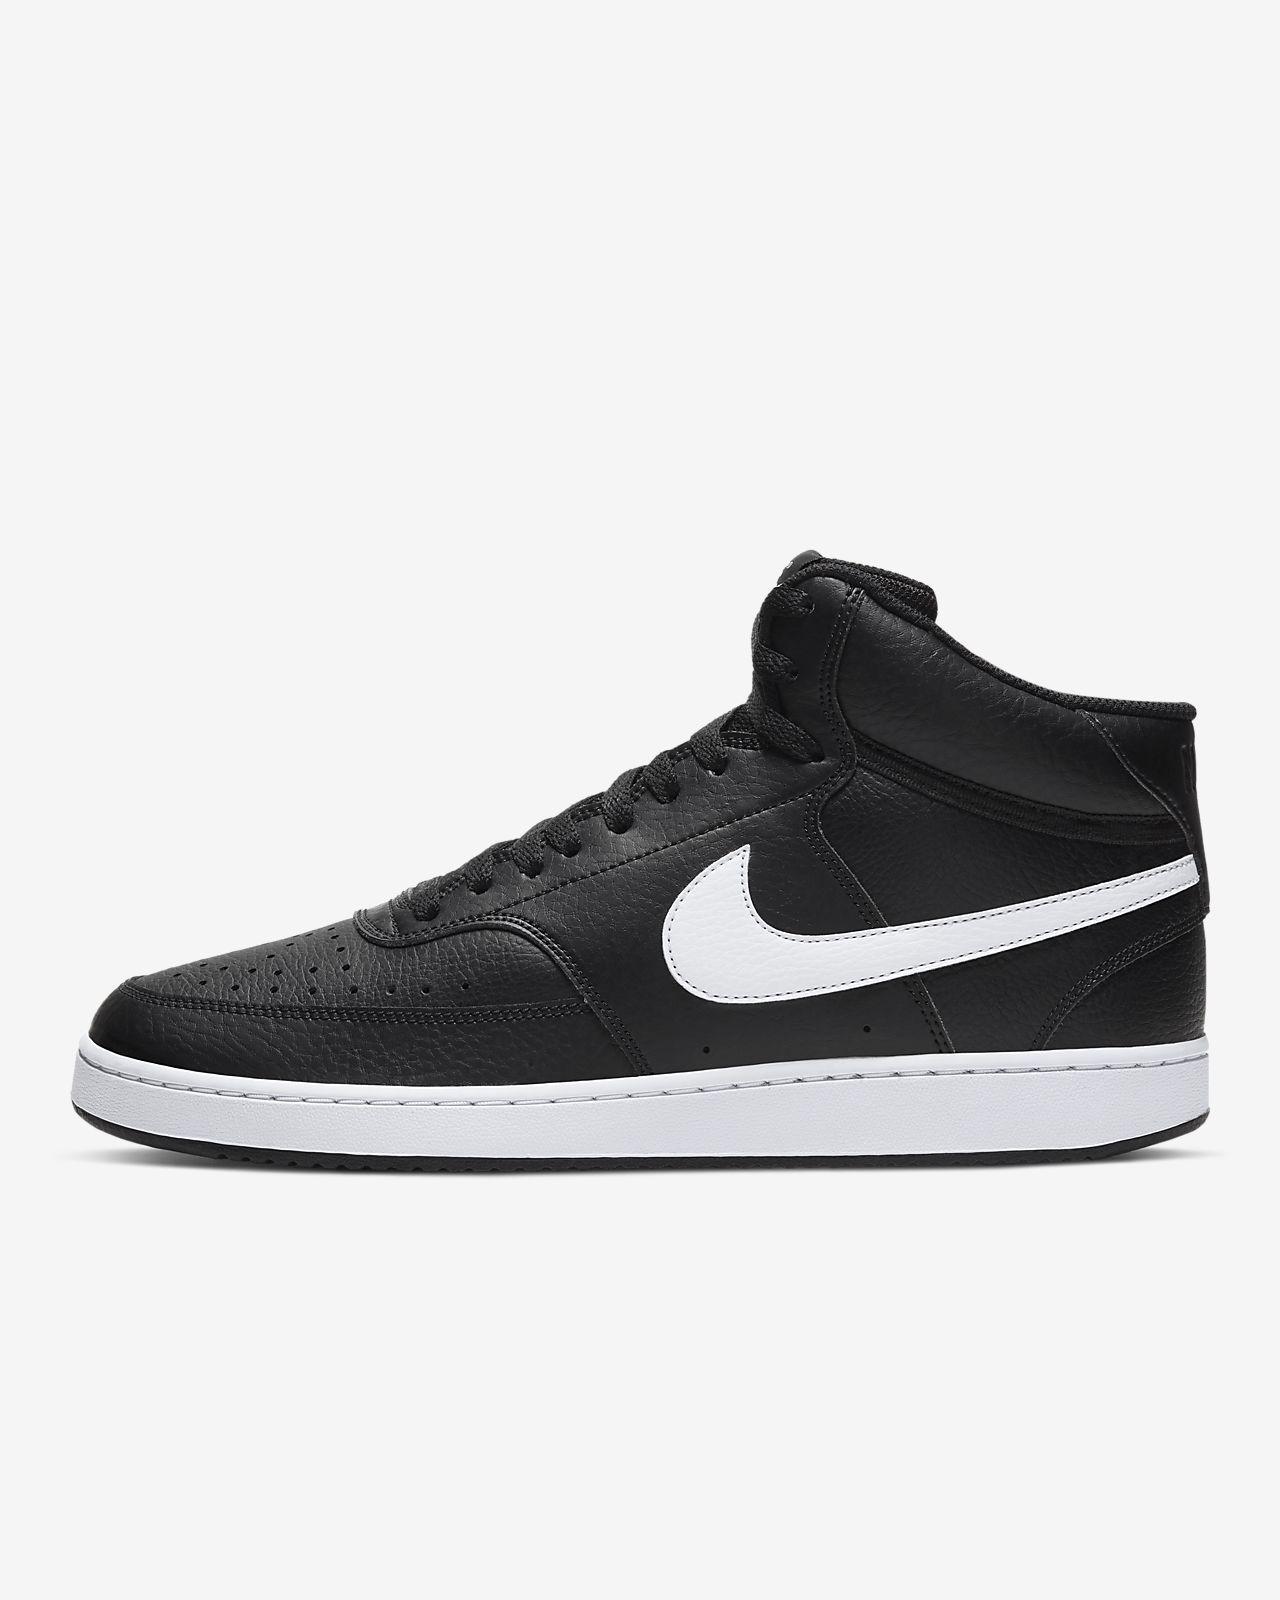 Große Größe Damen Schuhe weiß schwarz Nike Sneaker Court